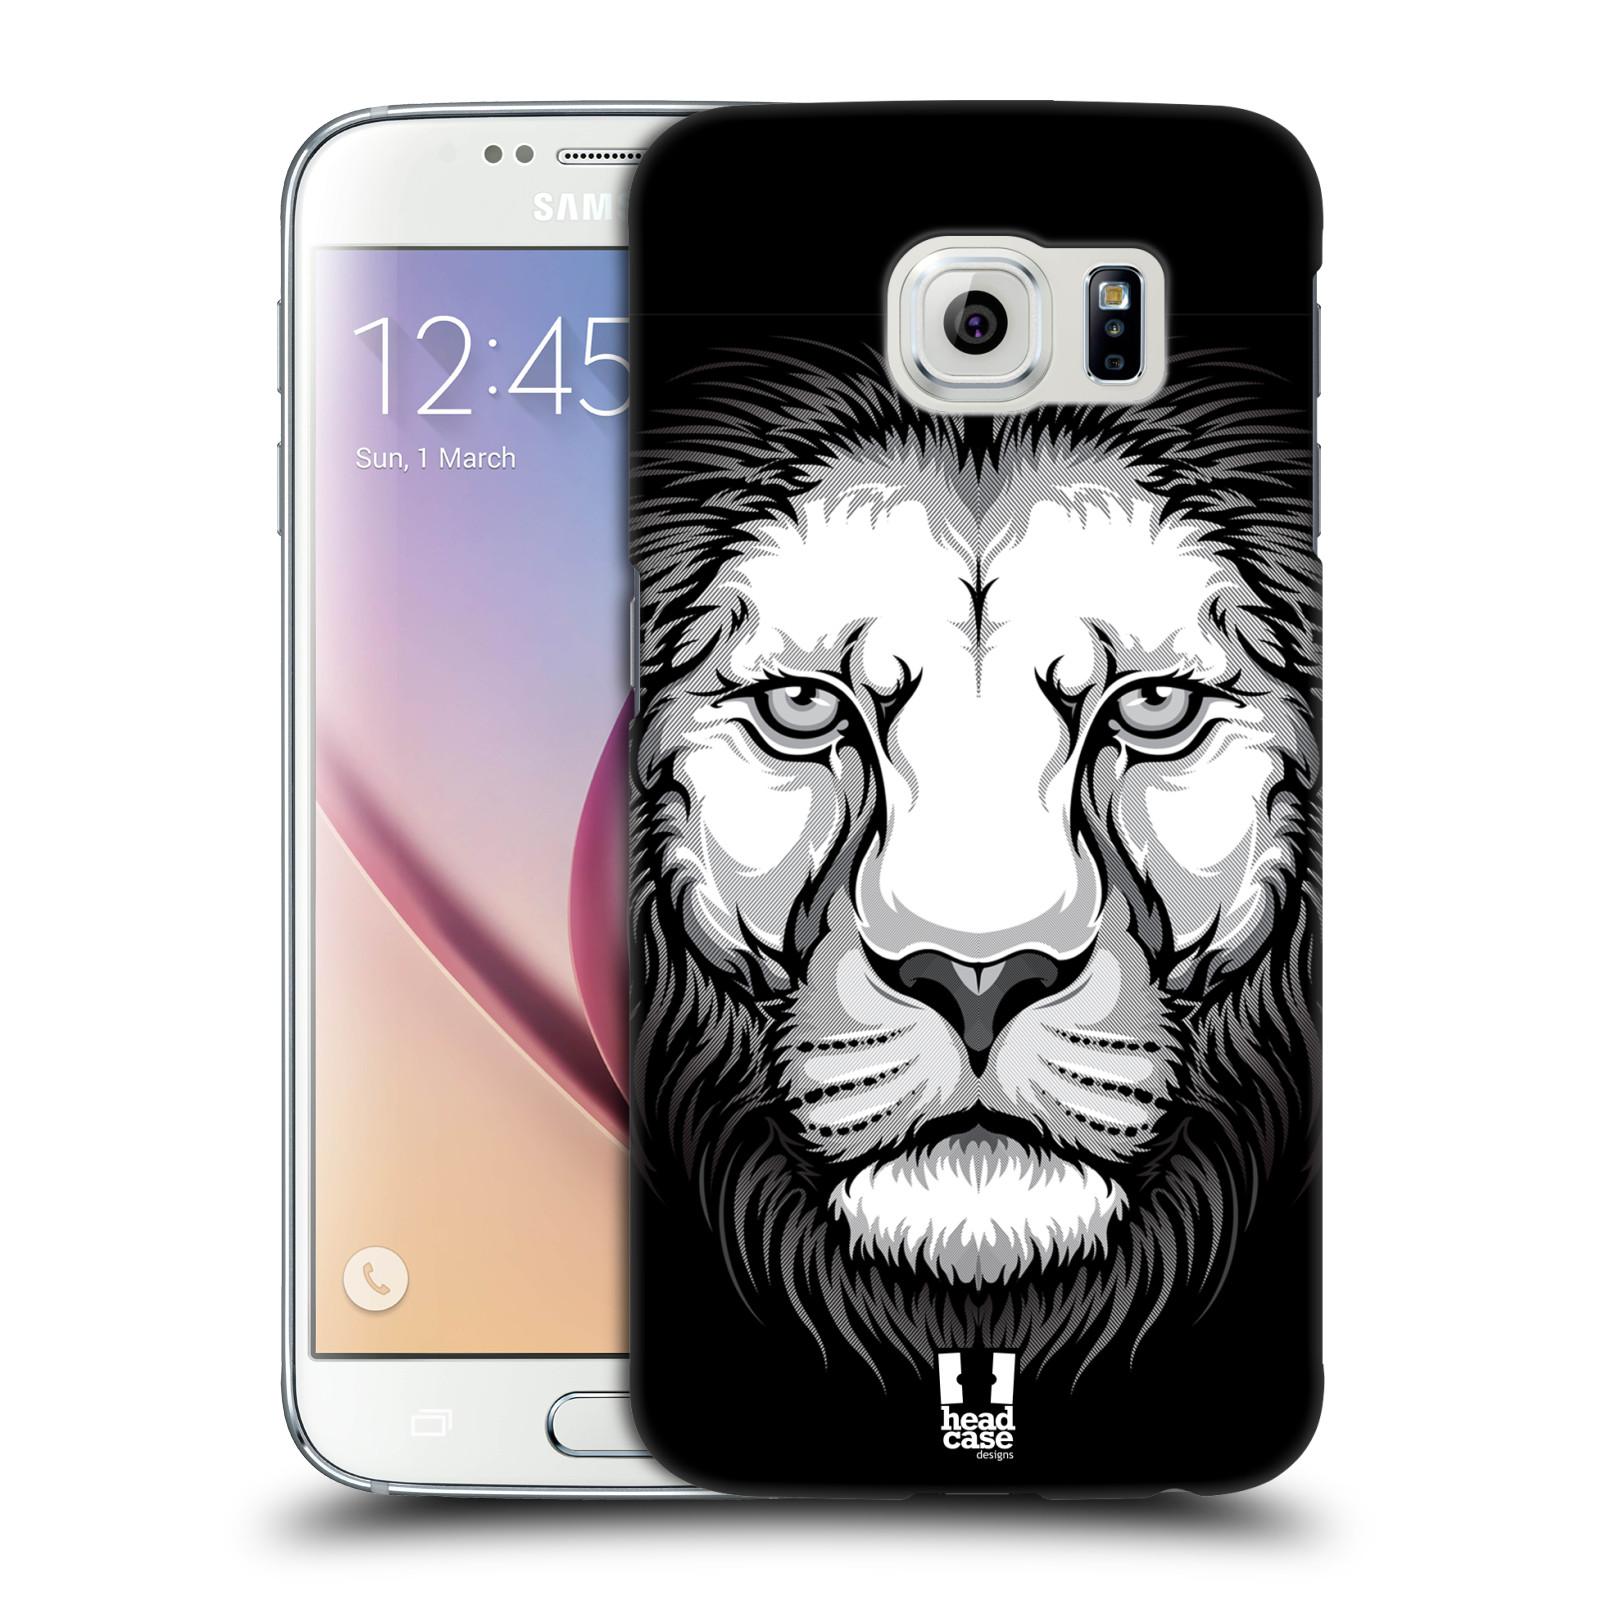 HEAD CASE plastový obal na mobil SAMSUNG Galaxy S6 (G9200, G920F) vzor Zvíře kreslená tvář lev